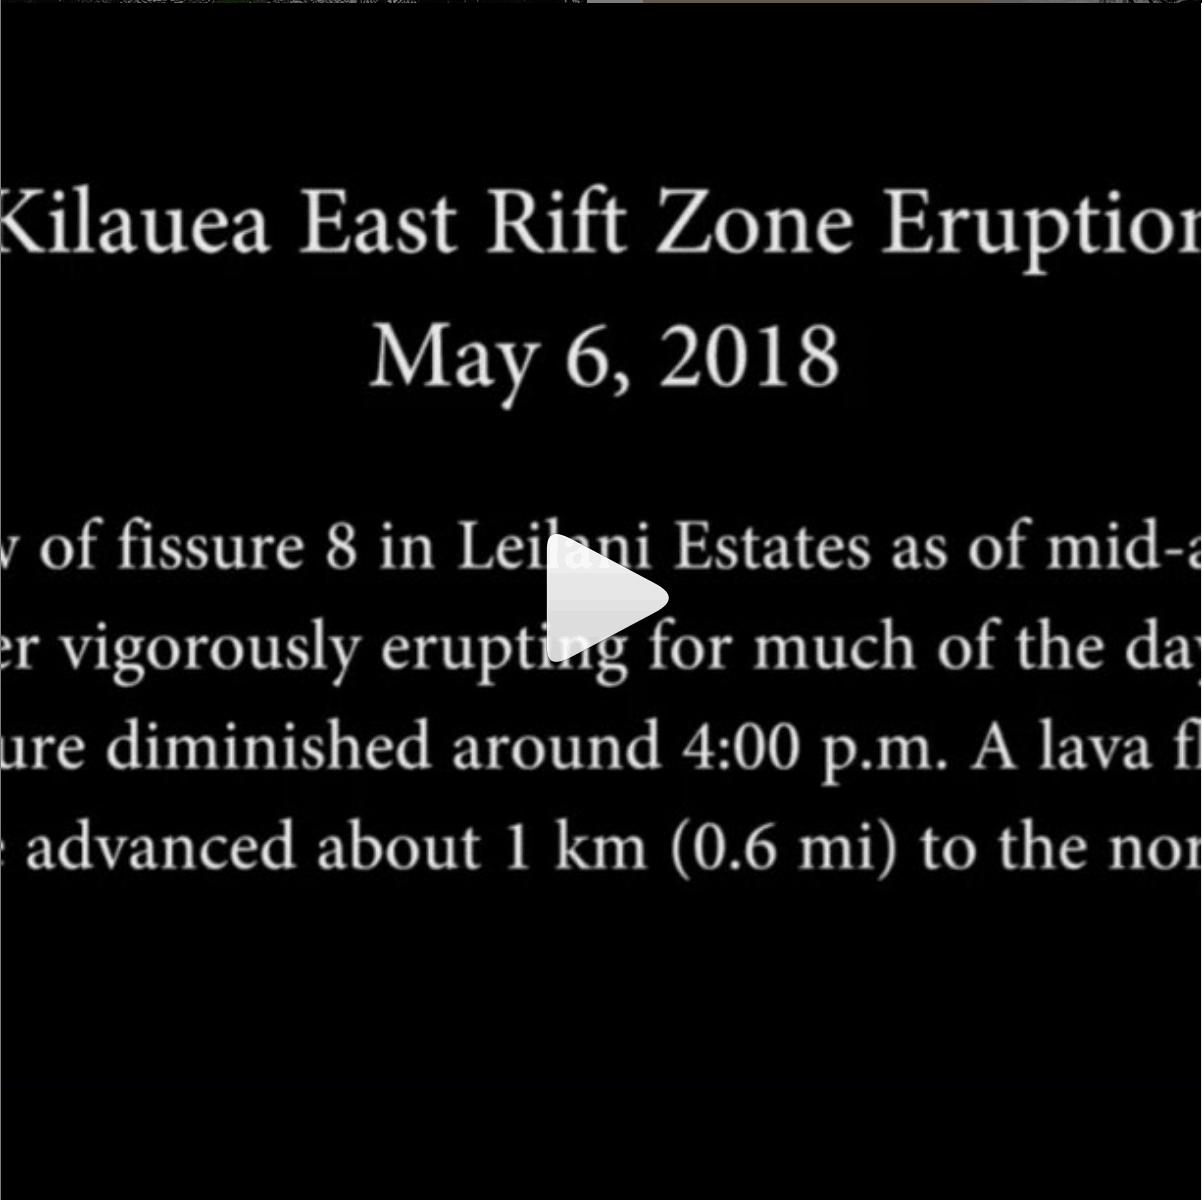 2018 LERZ eruption